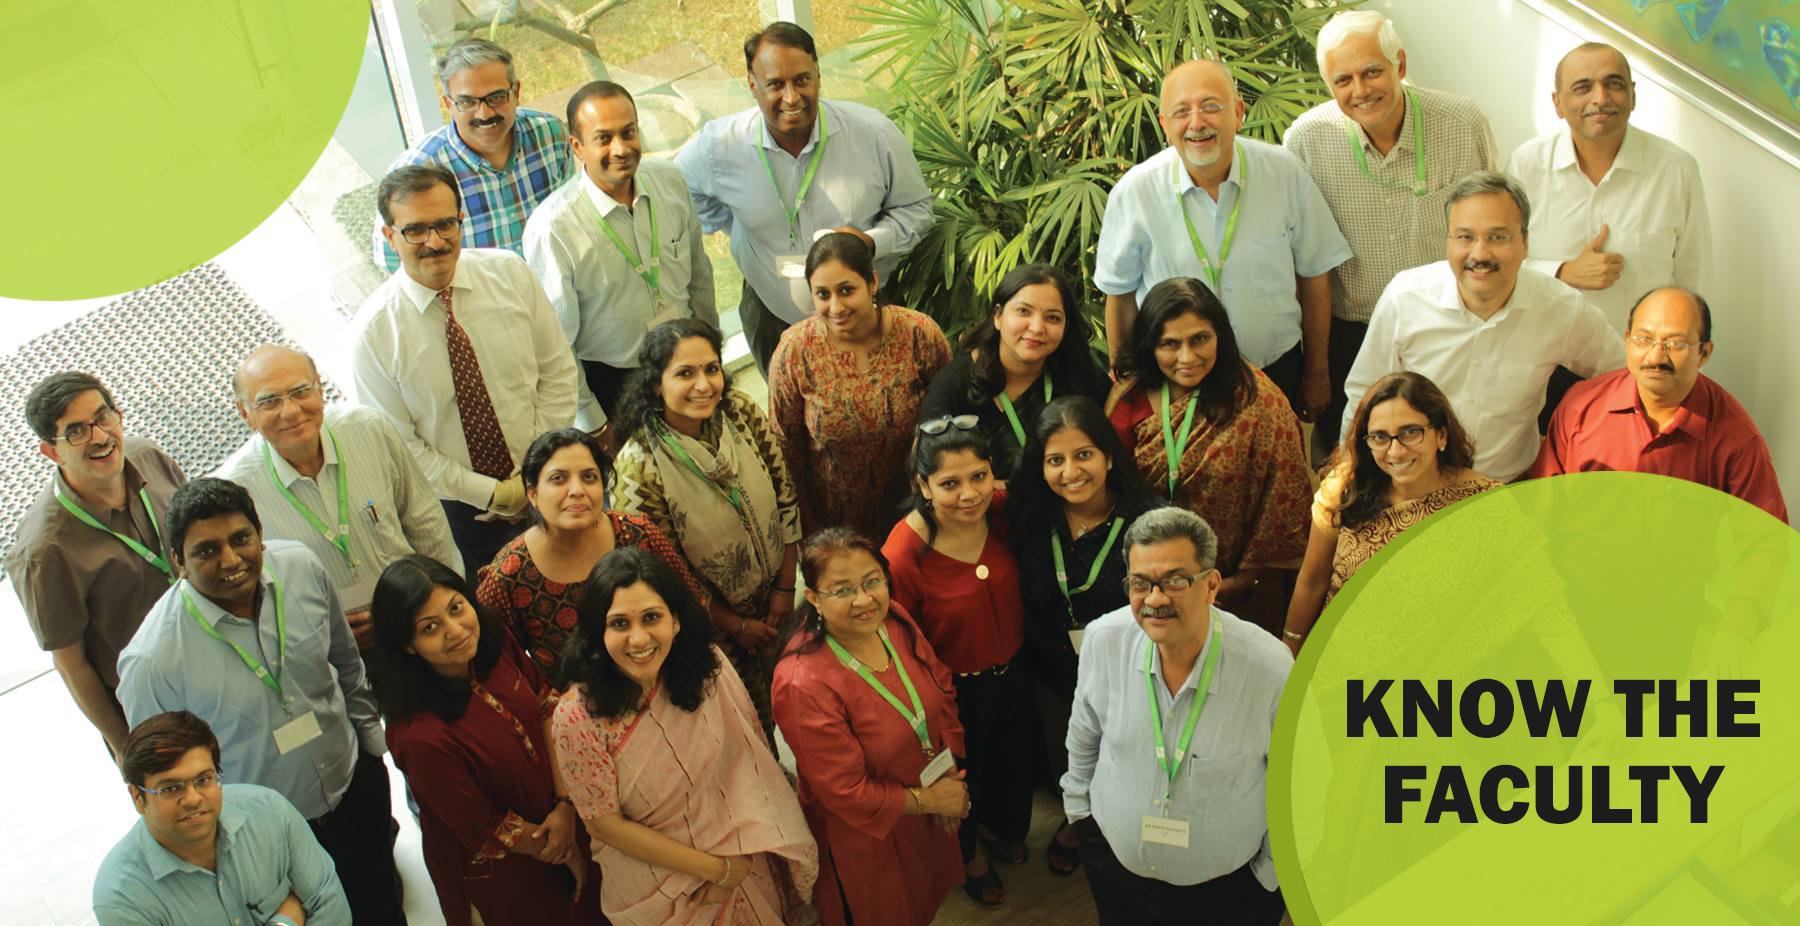 Faculty Members at SOIL